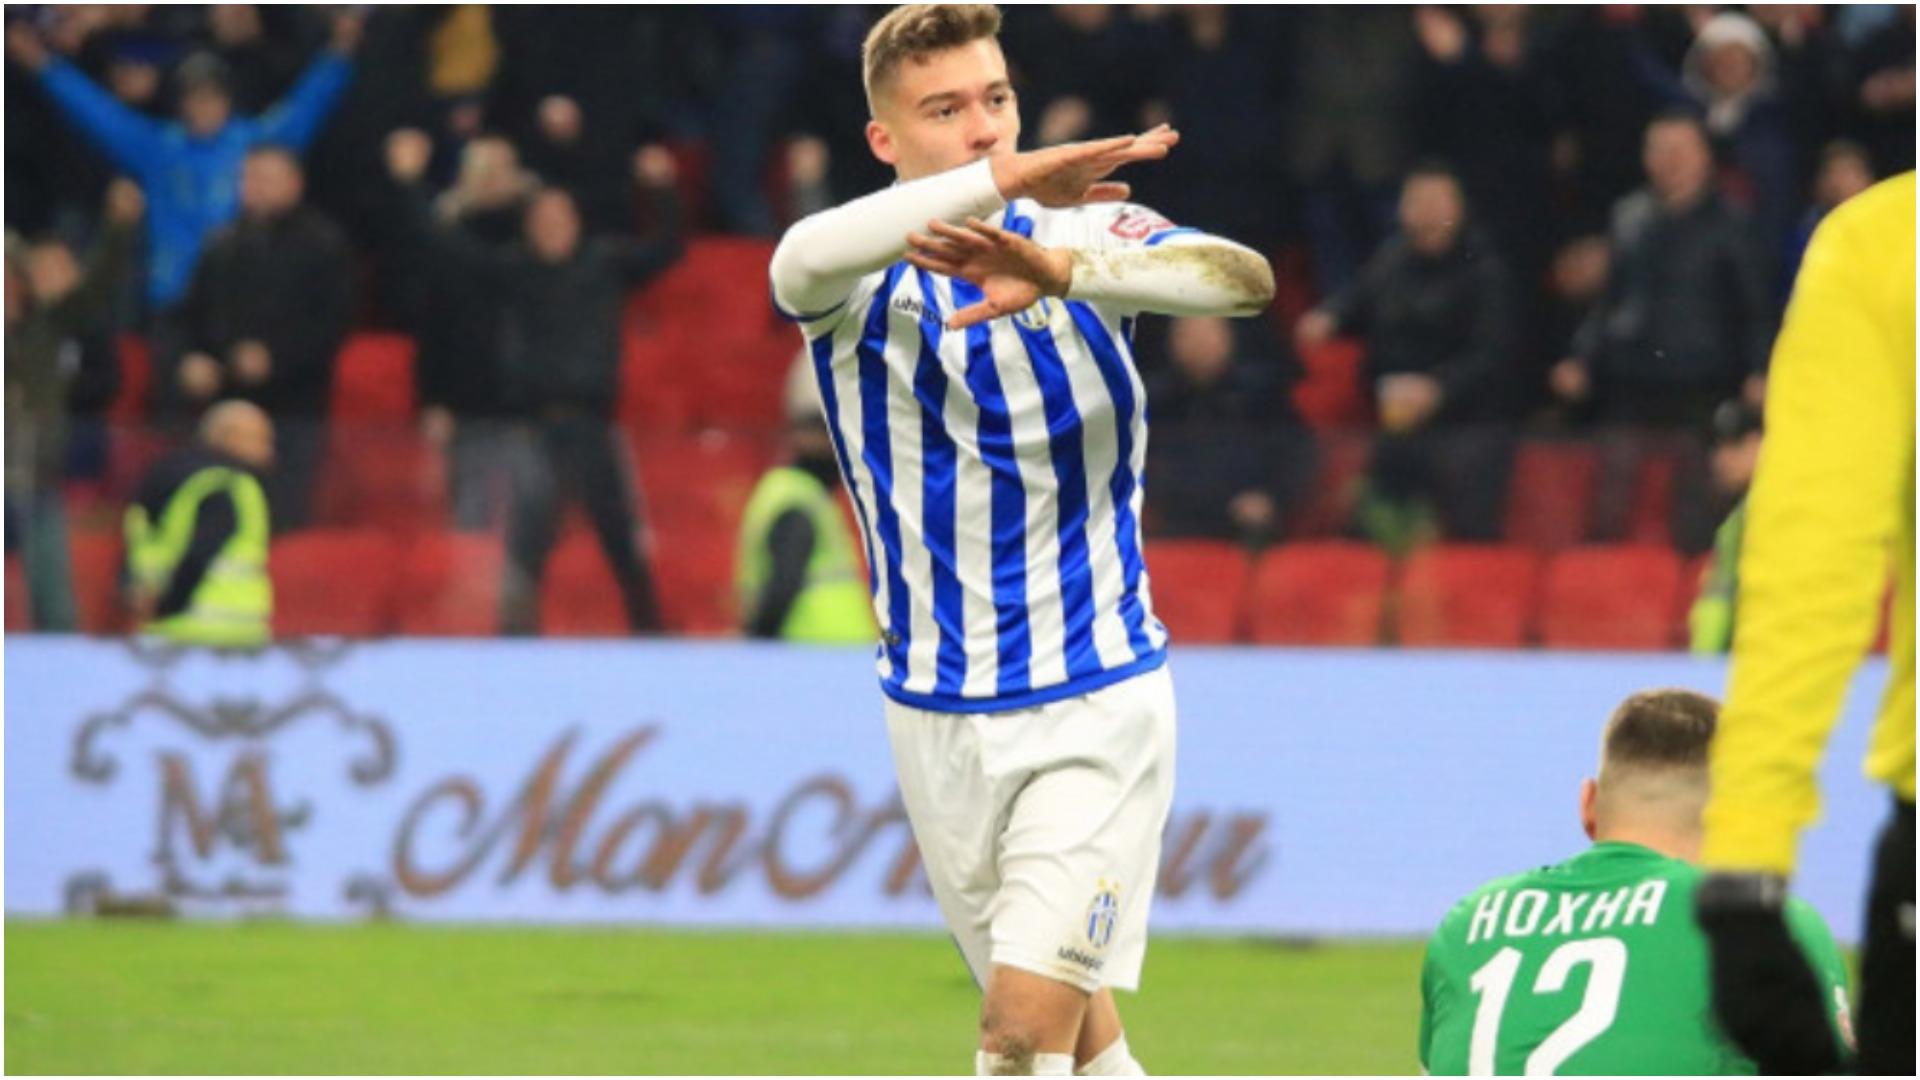 Jo vetëm Dinamo Zagreb, Ernest Muçin e duan edhe tre klubet e njohura greke